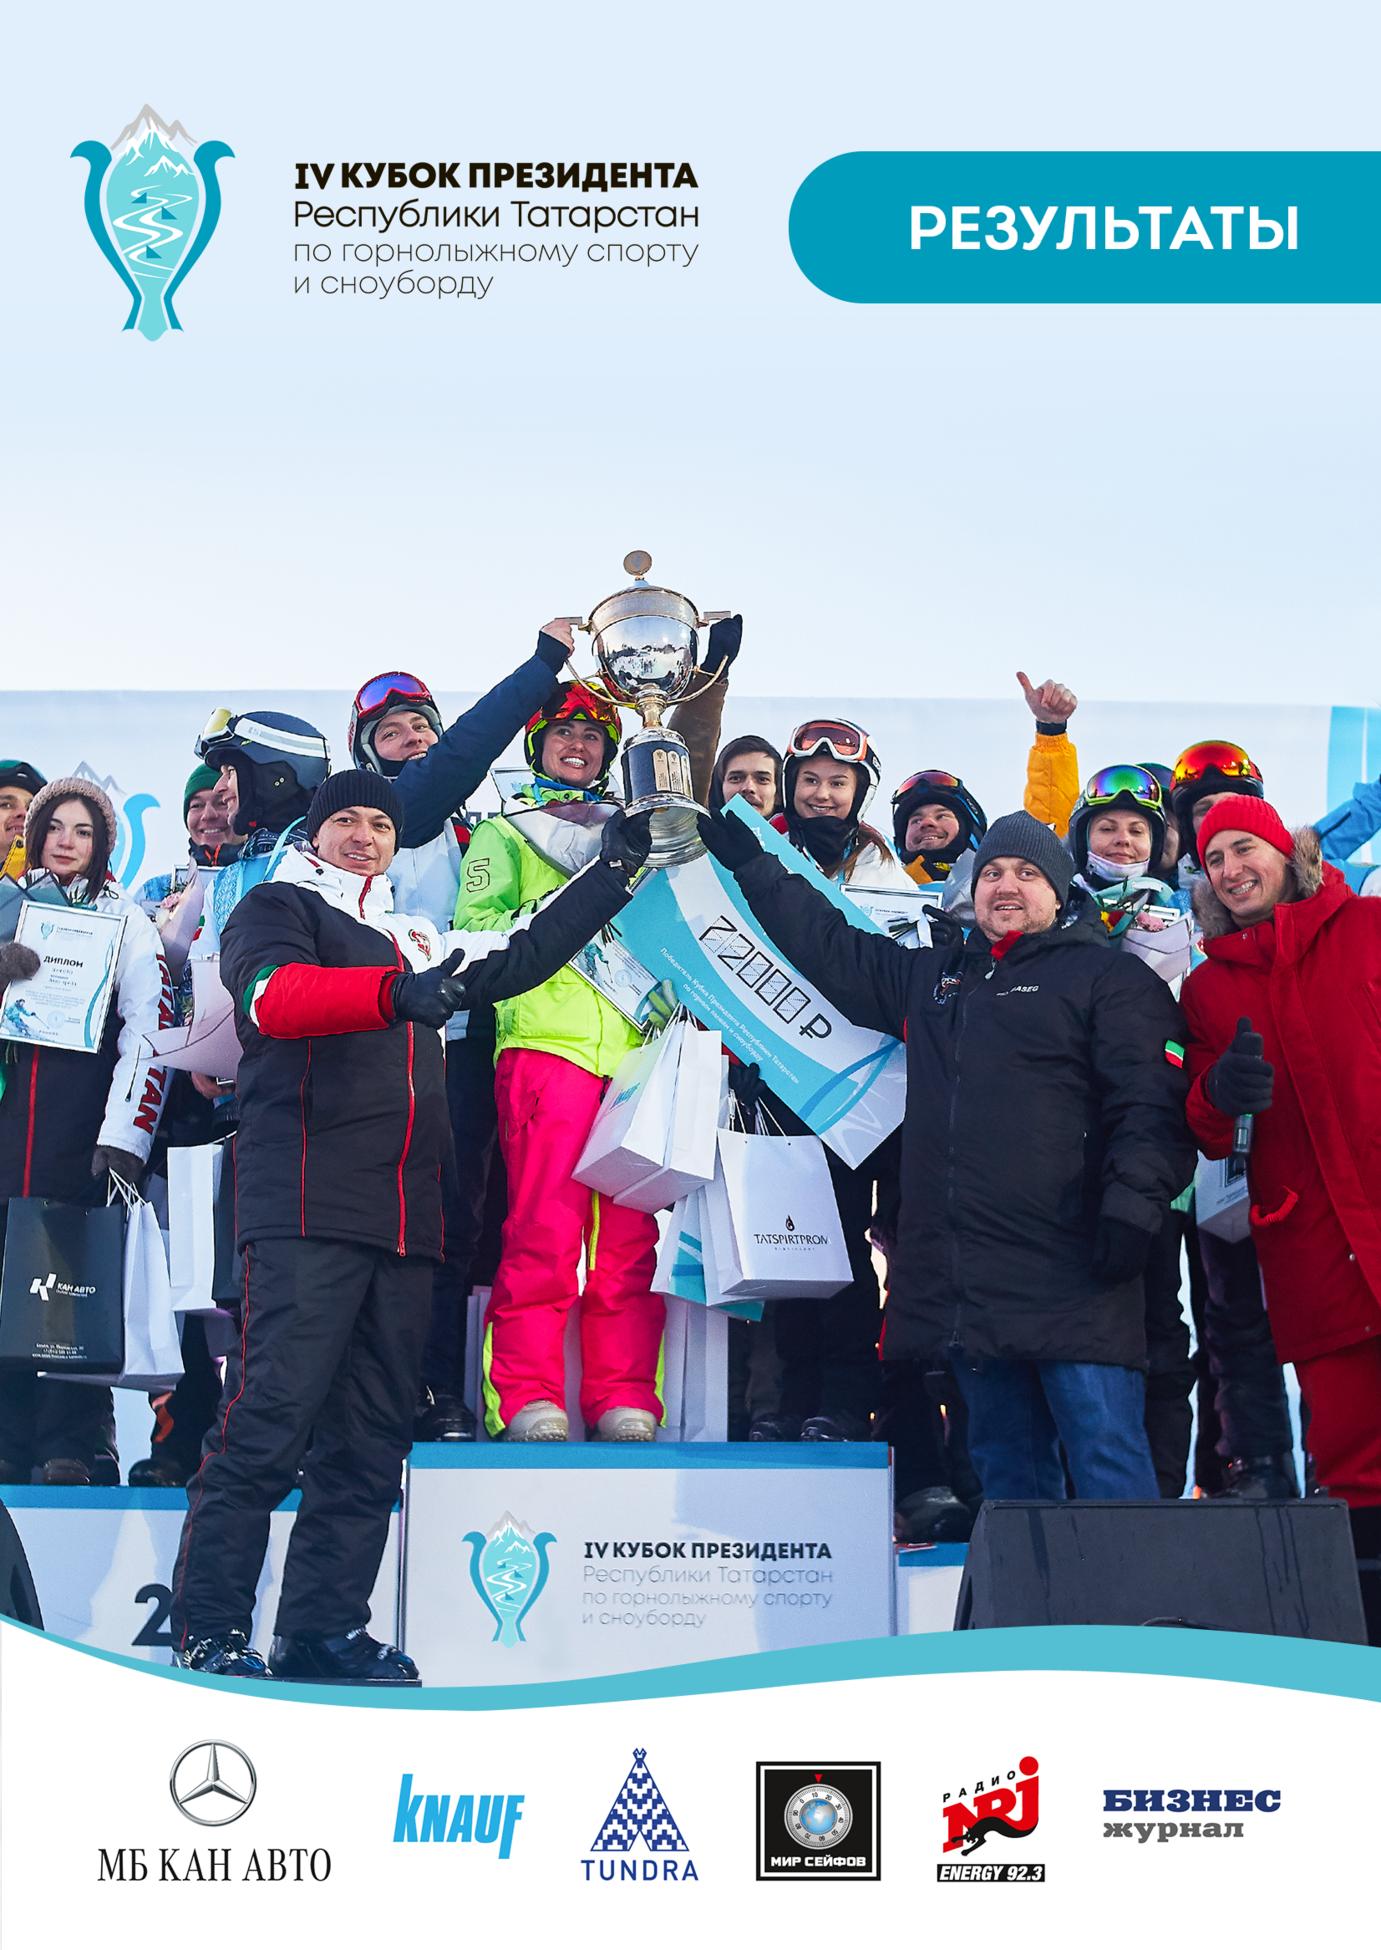 IV Кубок Президента РТ по горнолыжному спорту и сноуборду - результаты